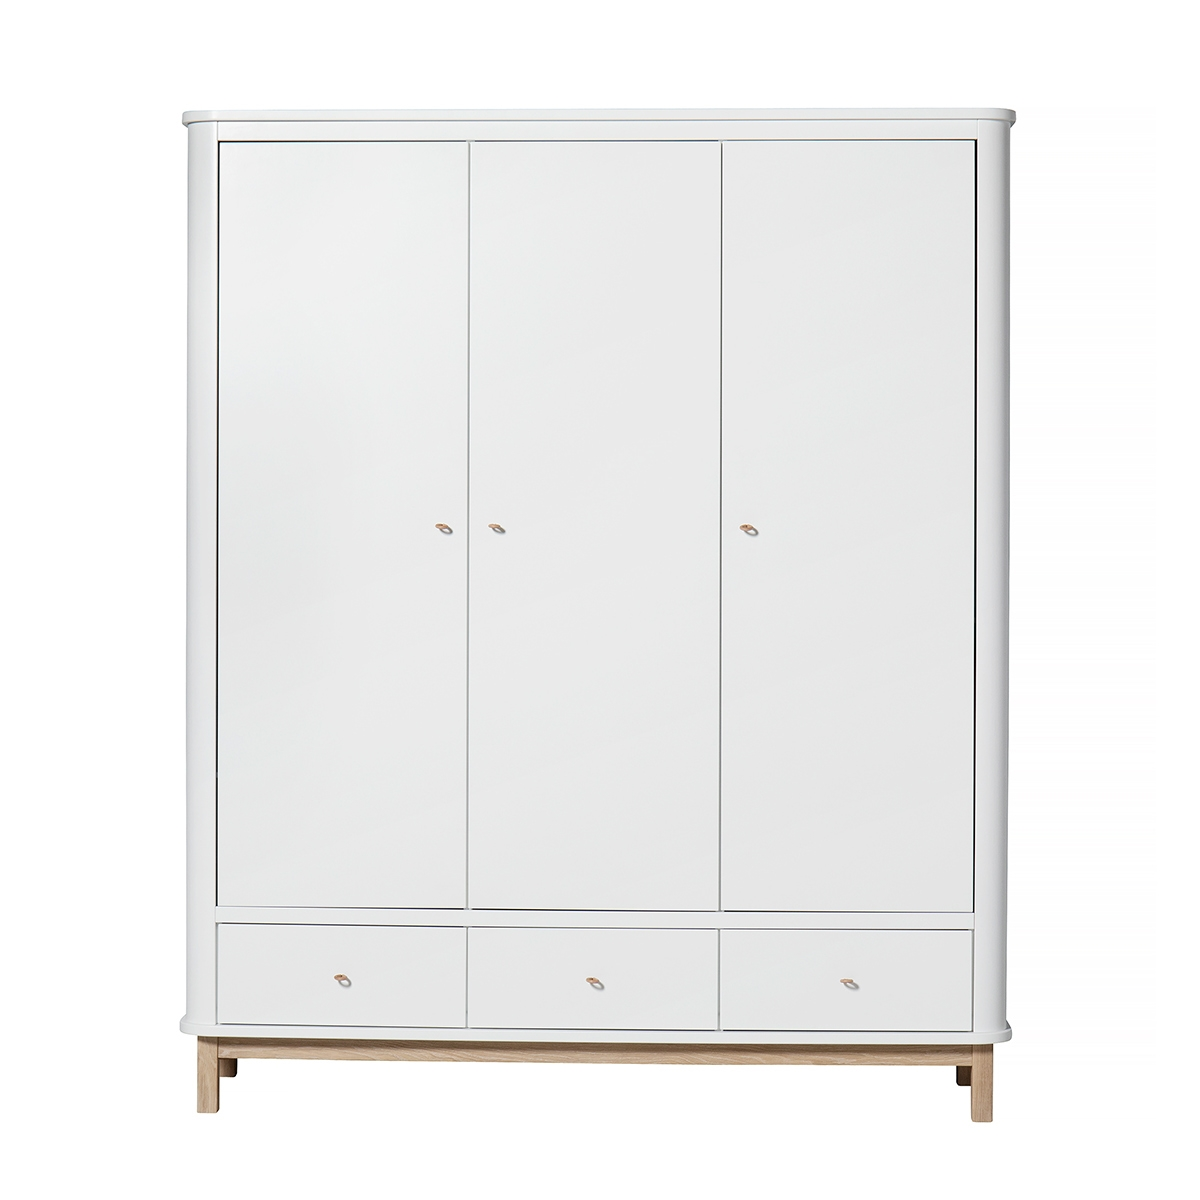 Garderob 3 dörrar Wood vit/ ek, Oliver Furniture